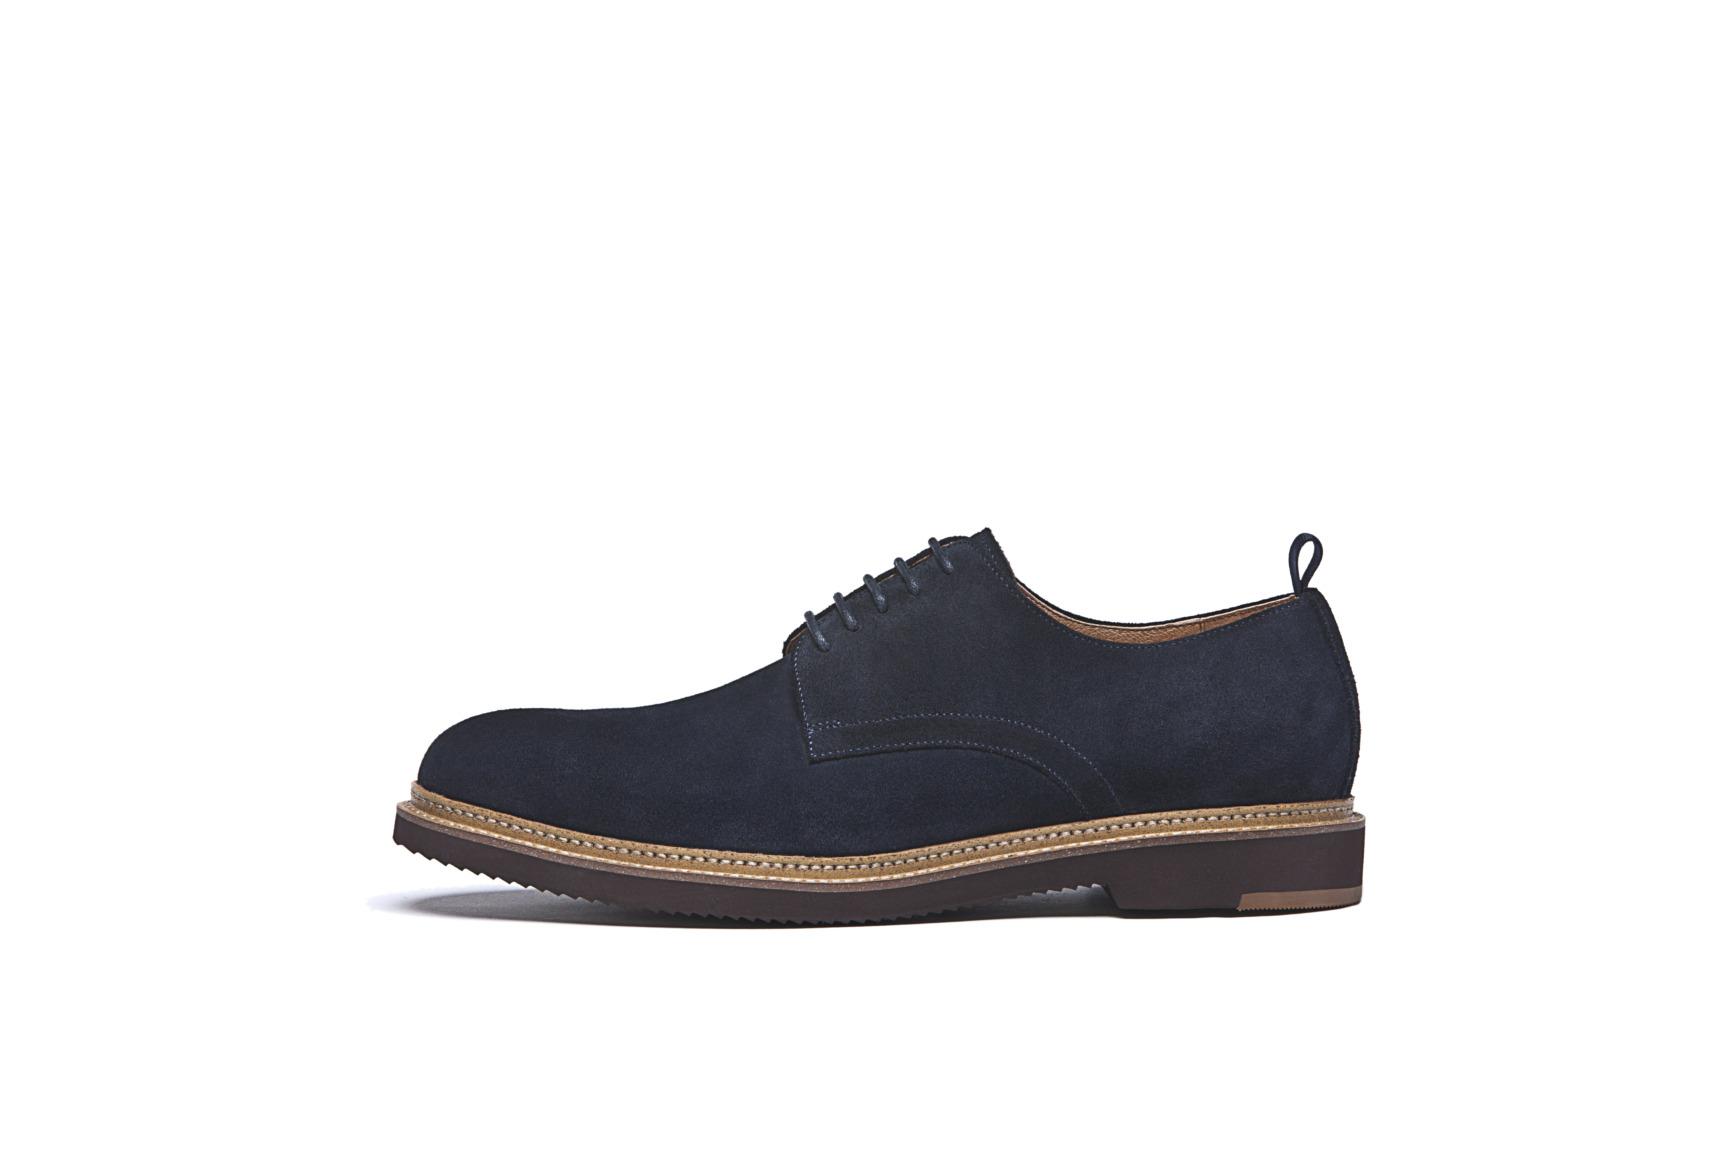 Modische Schuhe für den Bräutigam von Digel Modell SCORE in dunkelblau aus feinem Wildleder